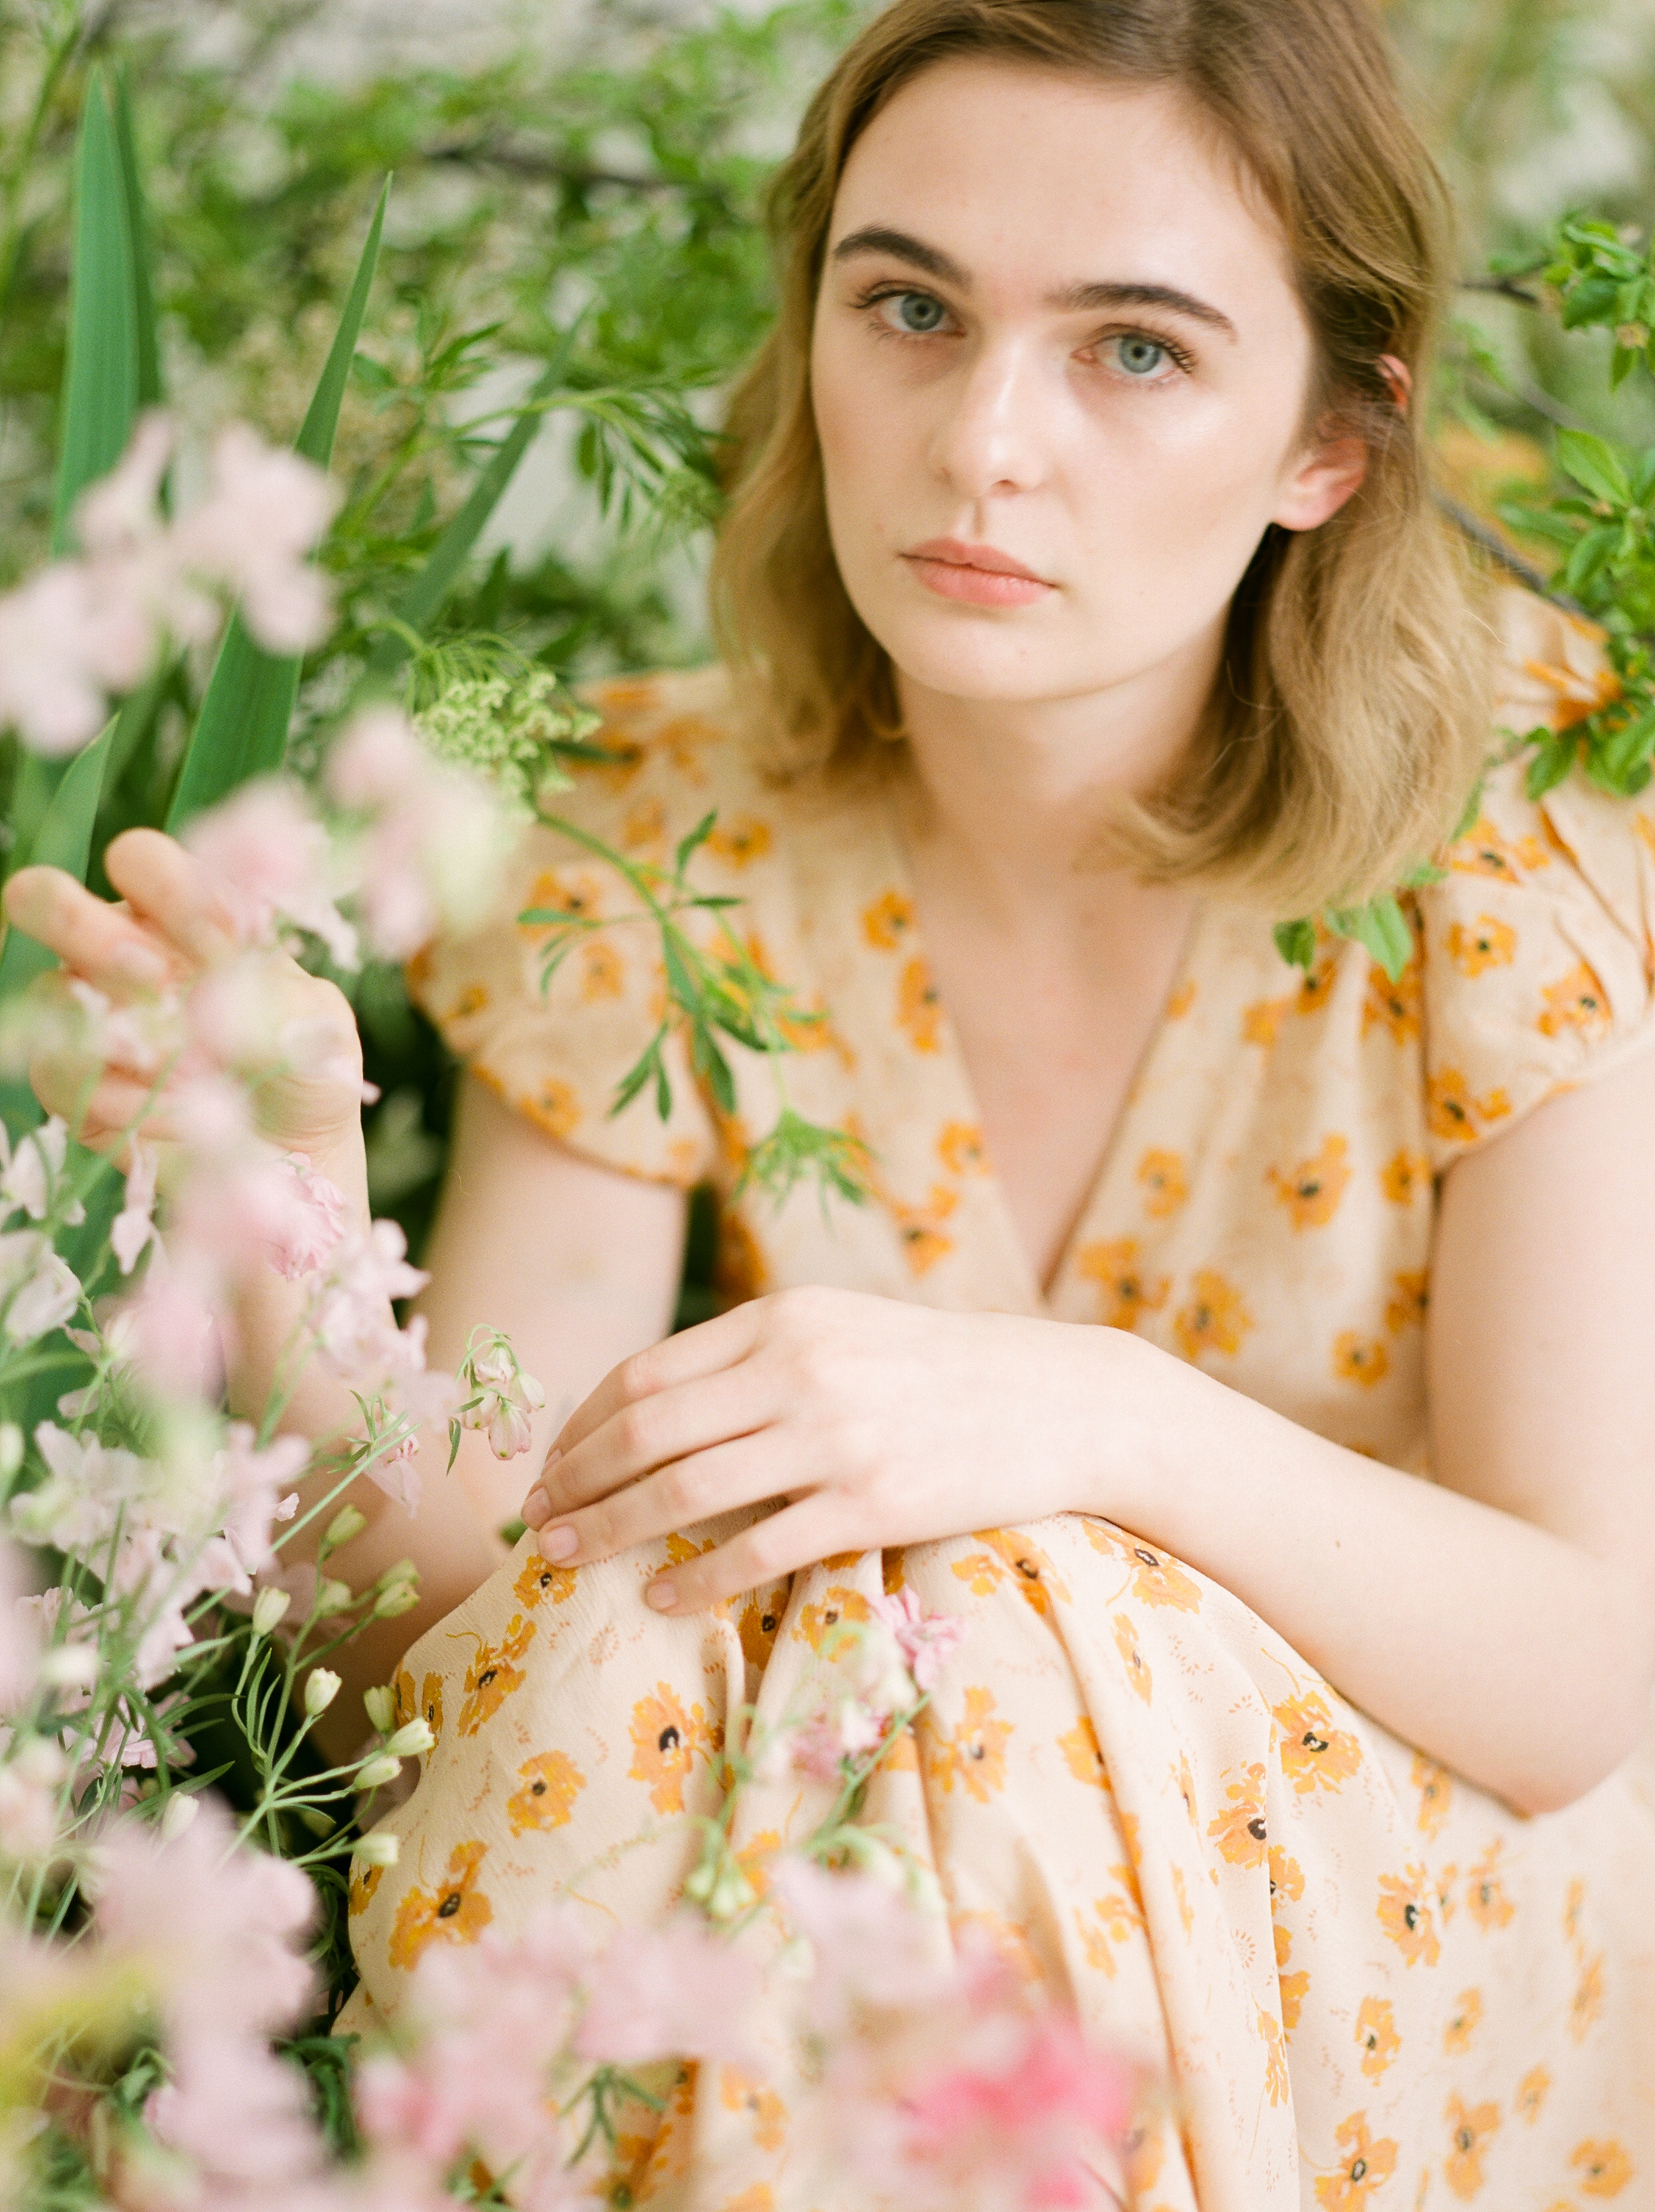 olya_vitulli_loom_bloom-25.jpg